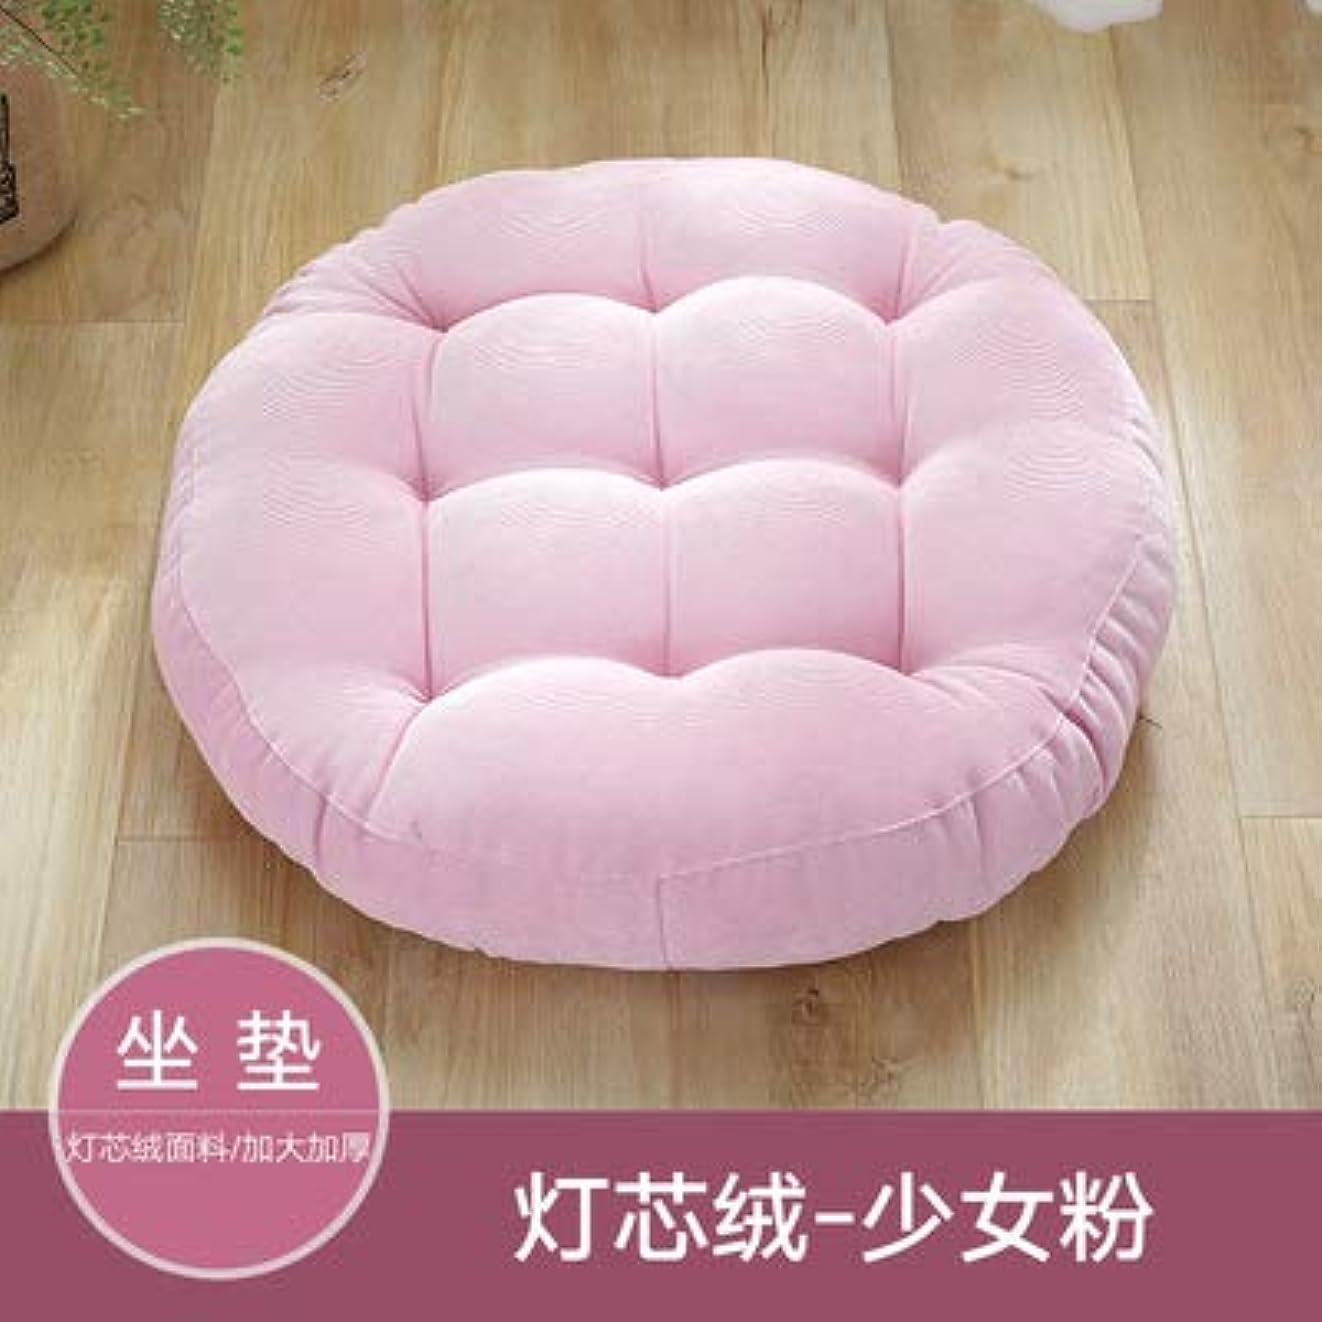 マルクス主義者エスニックガイドLIFE ラウンド厚い椅子のクッションフロアマットレスシートパッドソフトホームオフィスチェアクッションマットソフトスロー枕最高品質の床クッション クッション 椅子